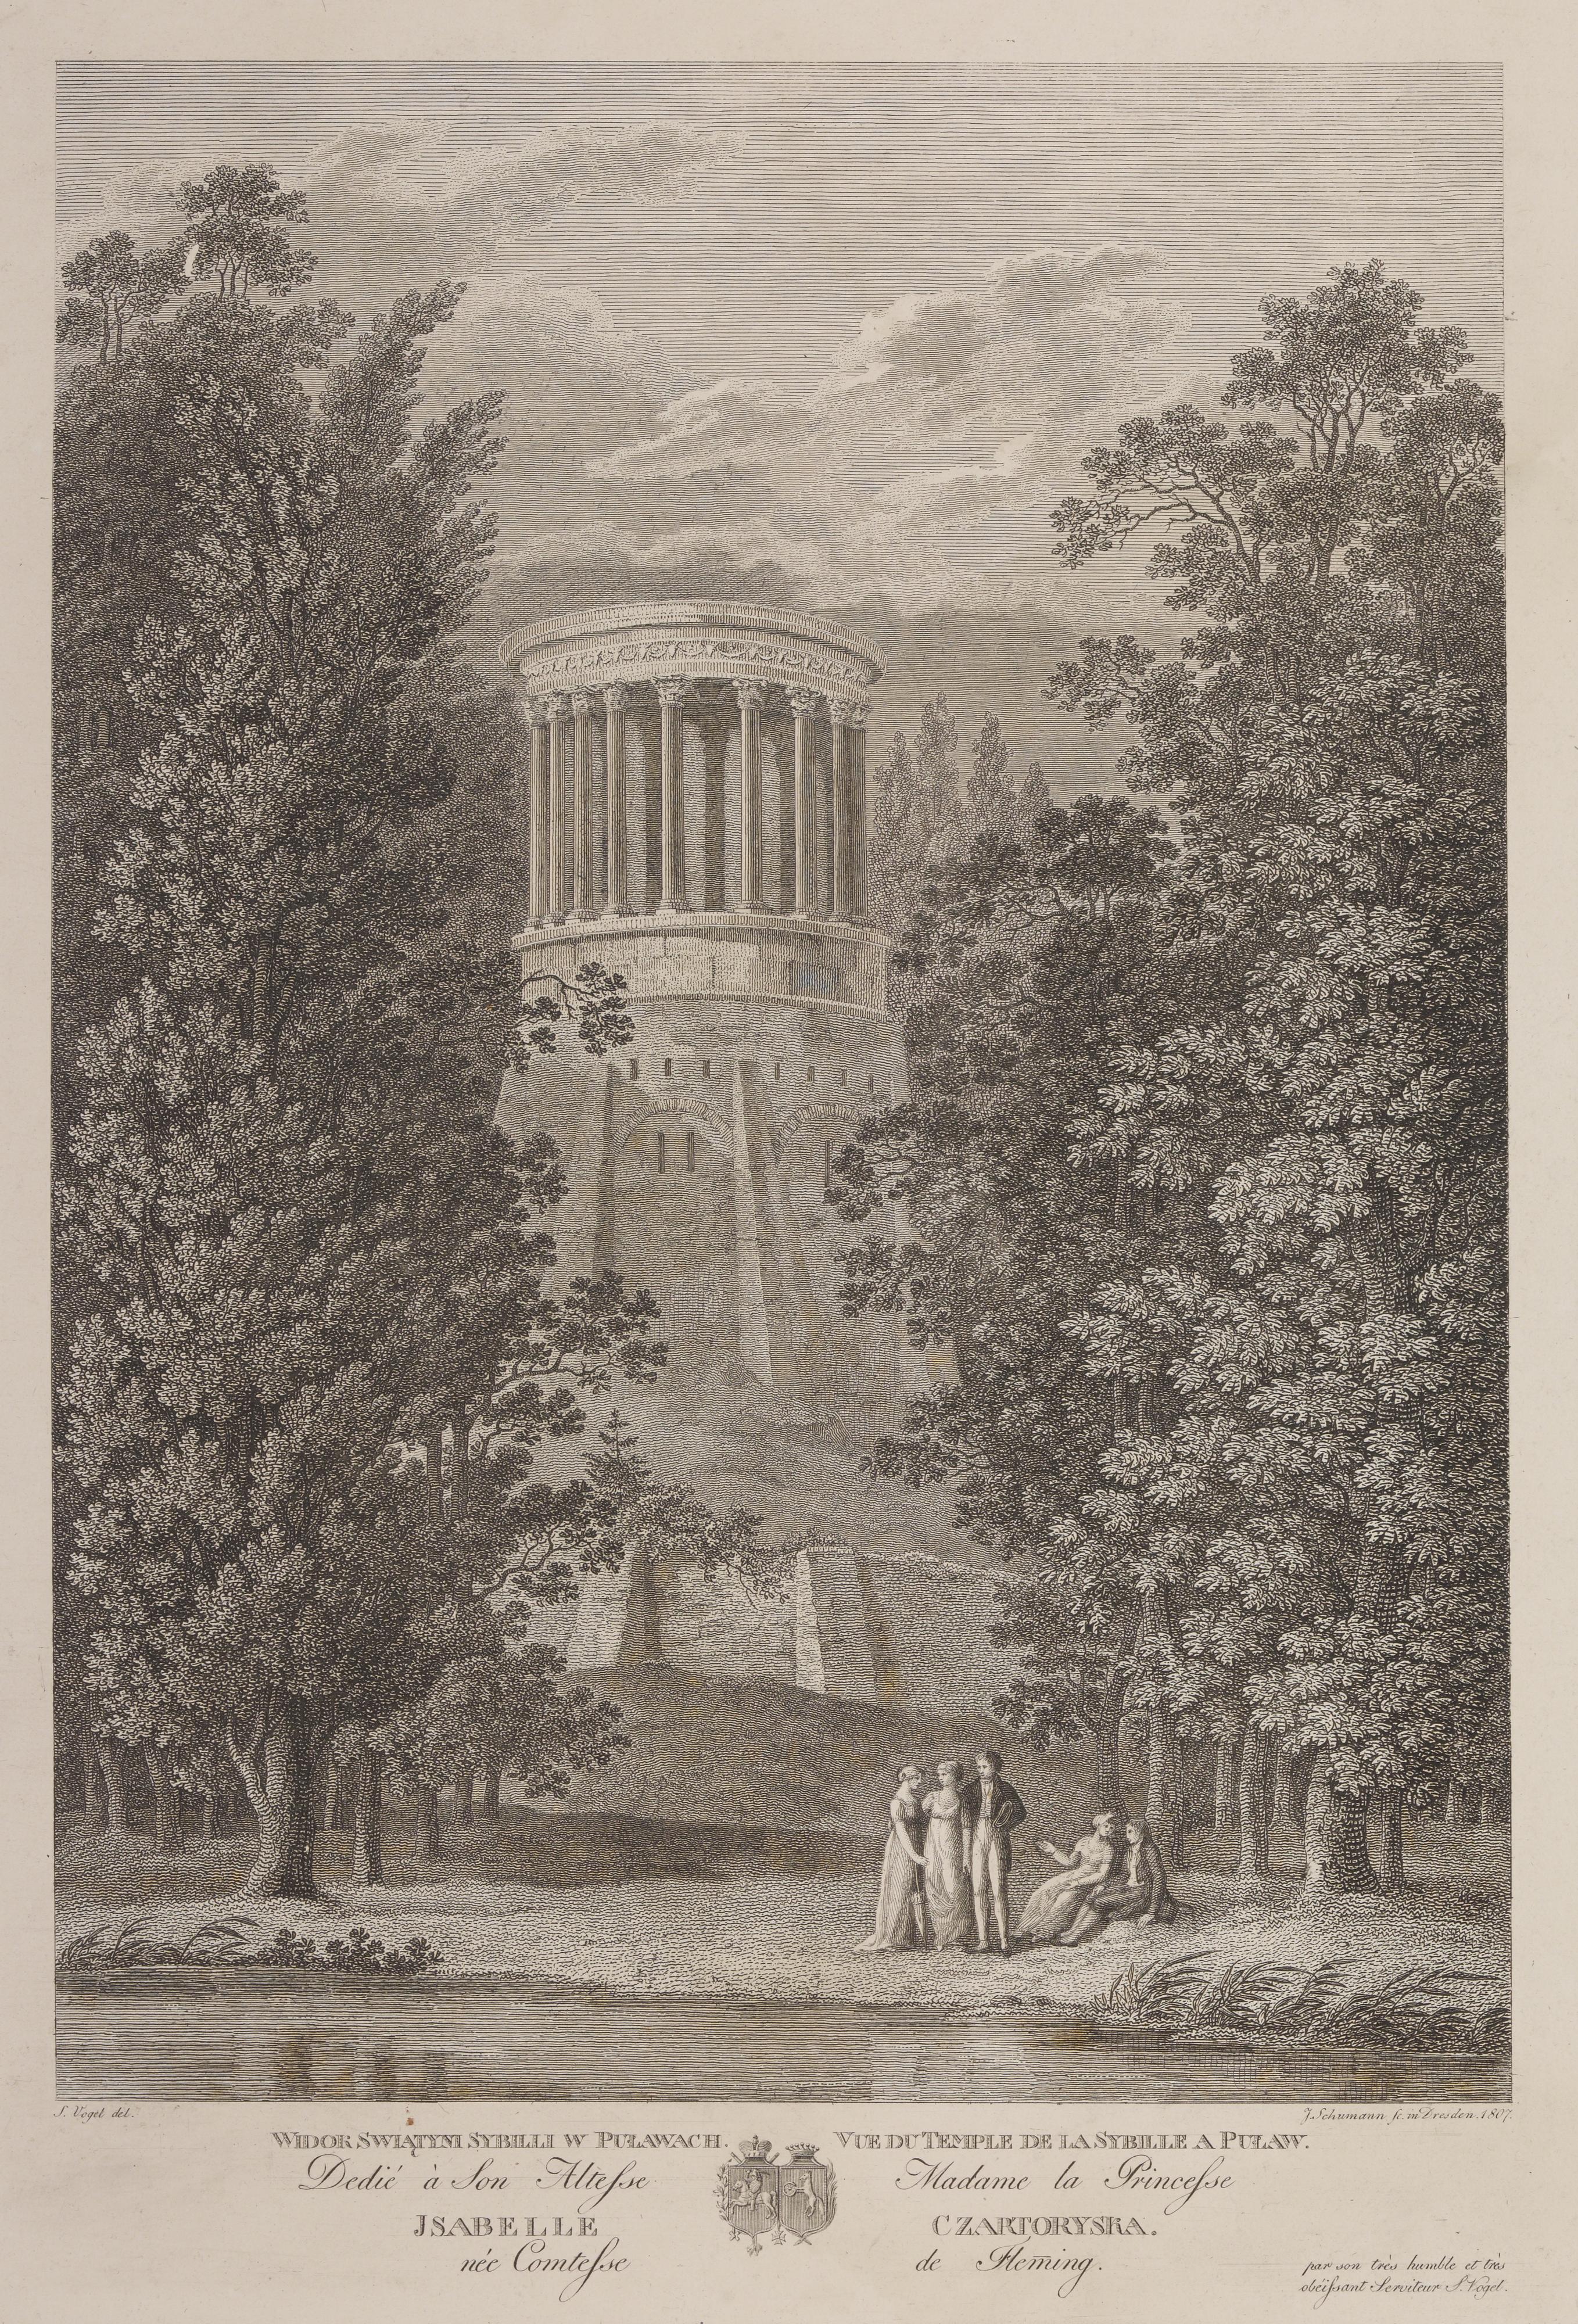 Johann Gottlob Schumann, Puławy - Widok Świątyni Sybili w Puławach, 1807, źródło: Cyfrowe MNK